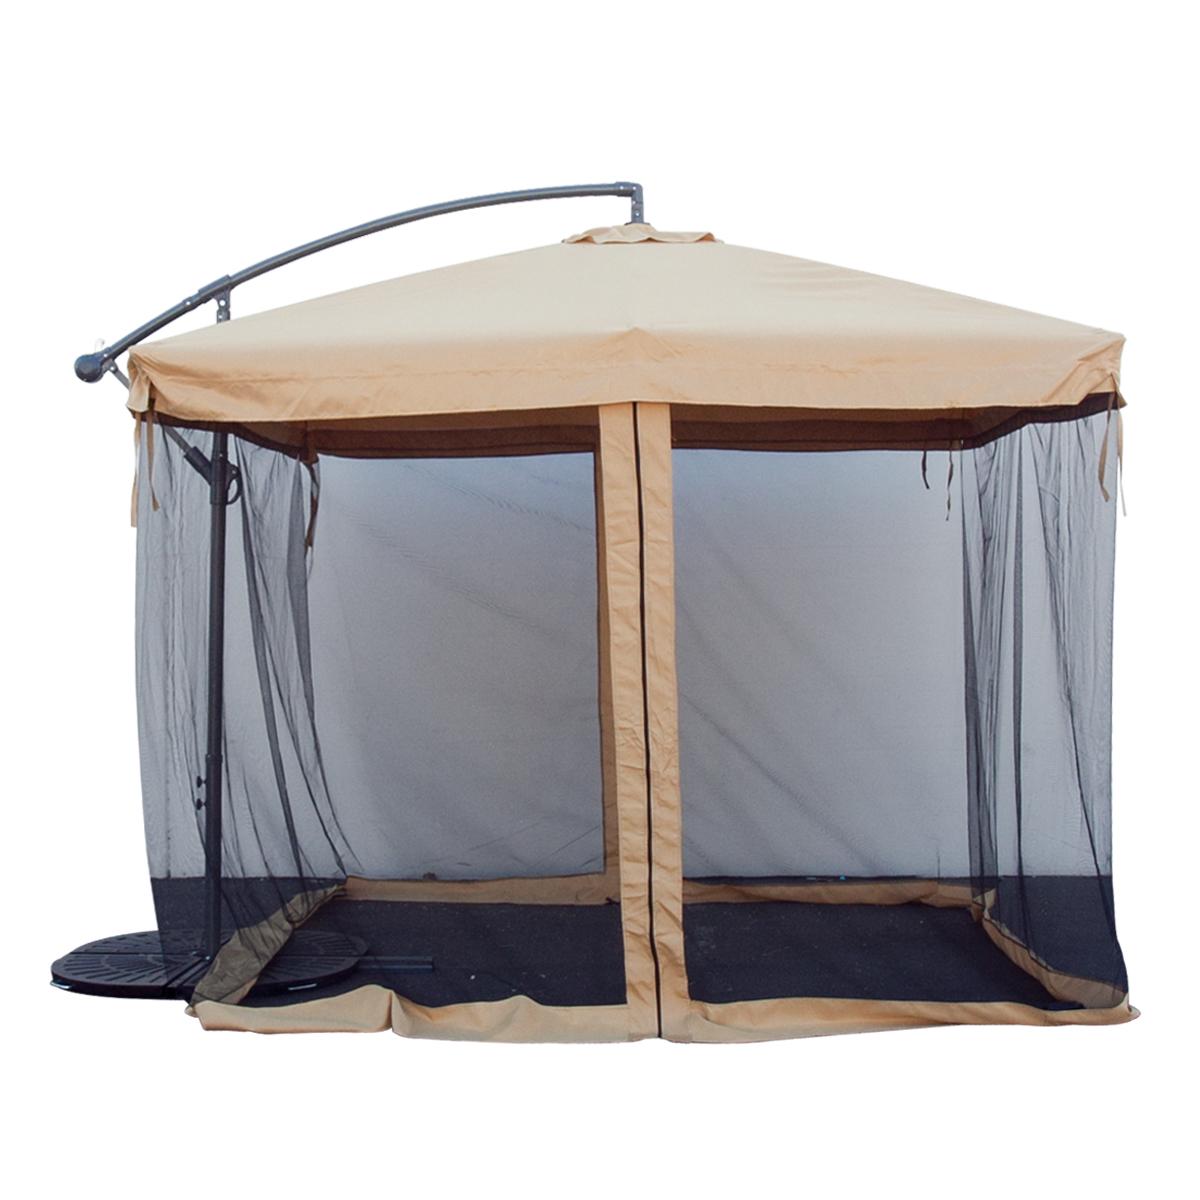 Patio Umbrella Netting: 9FT Offset Tan W/ Mesh Patio Umbrella Tilt Post Deck